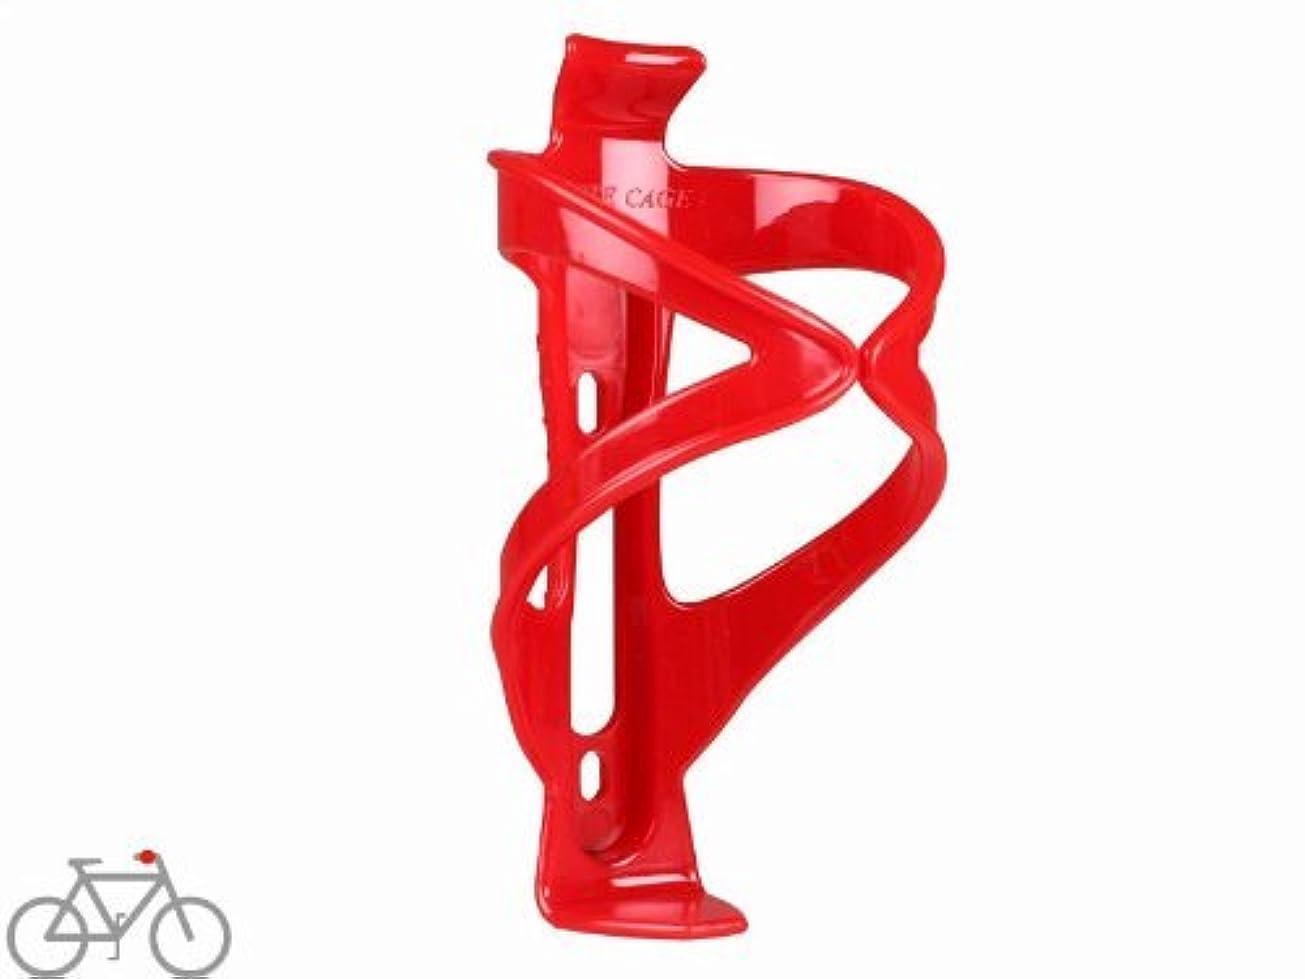 ファイアル唯一欲しいですbacklight に適用 自転車用ドリンクホルダー/ボトルゲージ